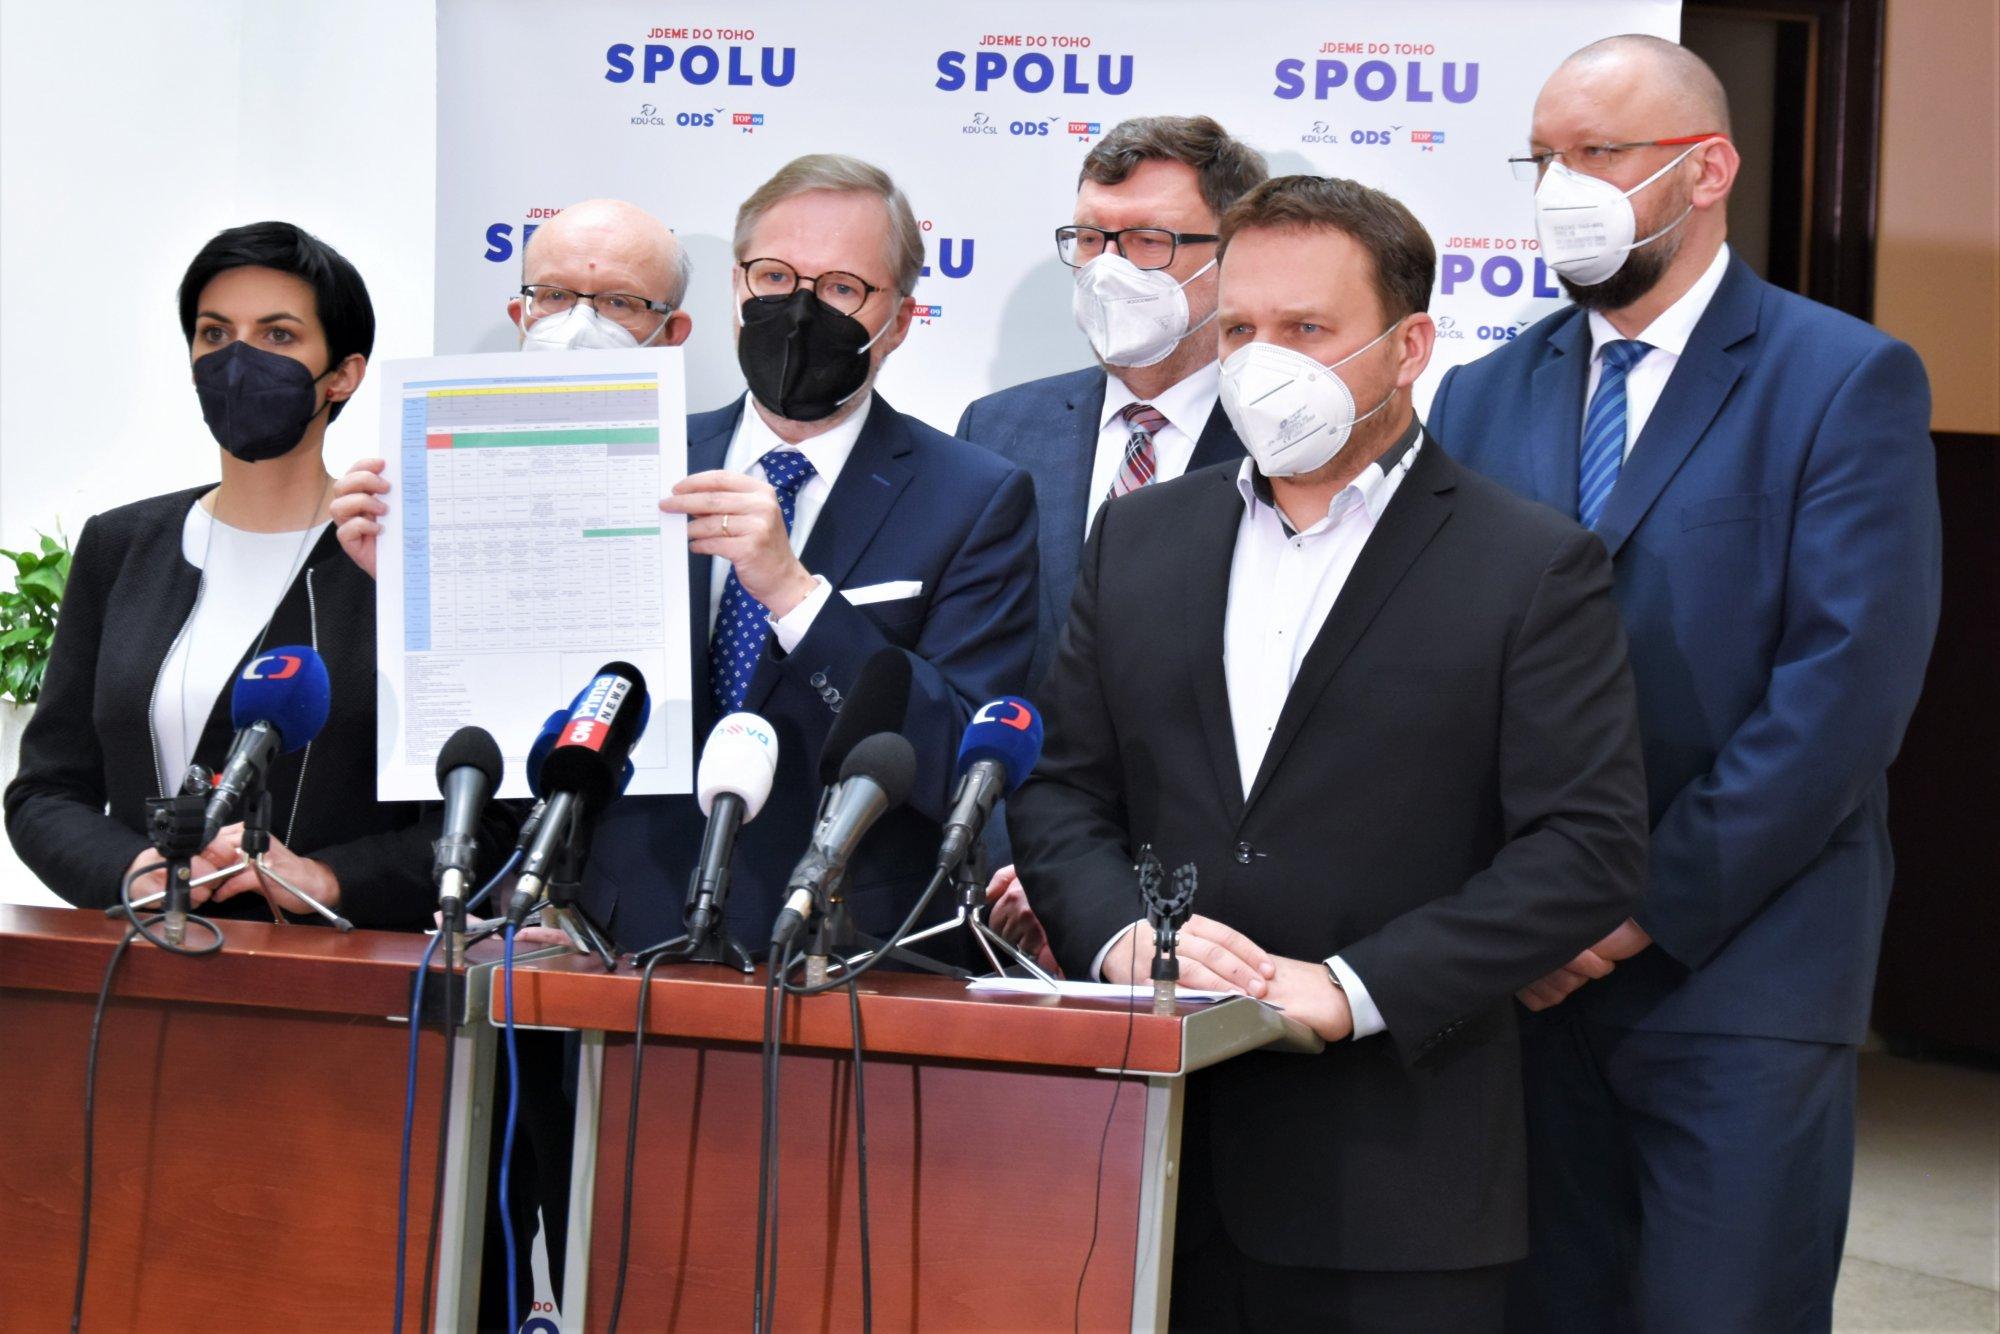 SPOLU: Chceme umožnit pohyb mezi okresy a návrat žáků do škol, Sněmovna se musí zabývat zprávou NKÚ